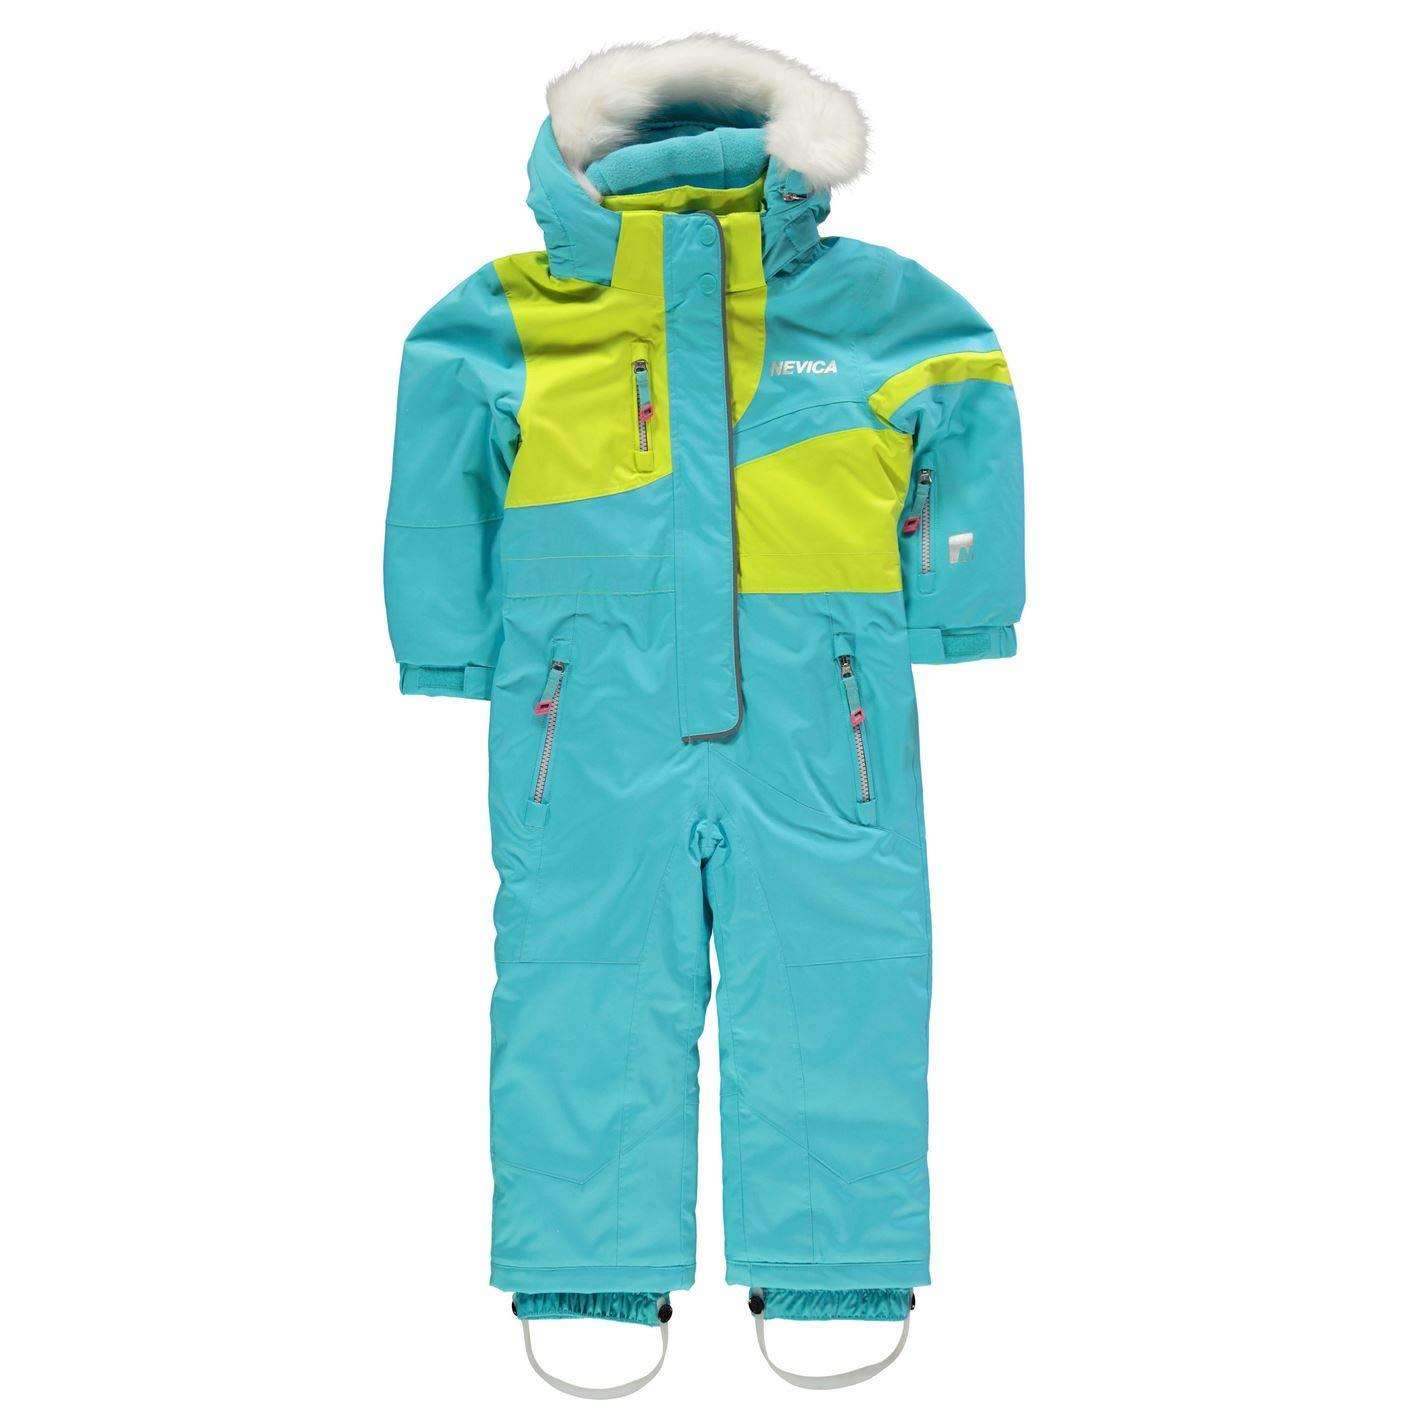 Nevica Kids Meribel Snowsuit Infant